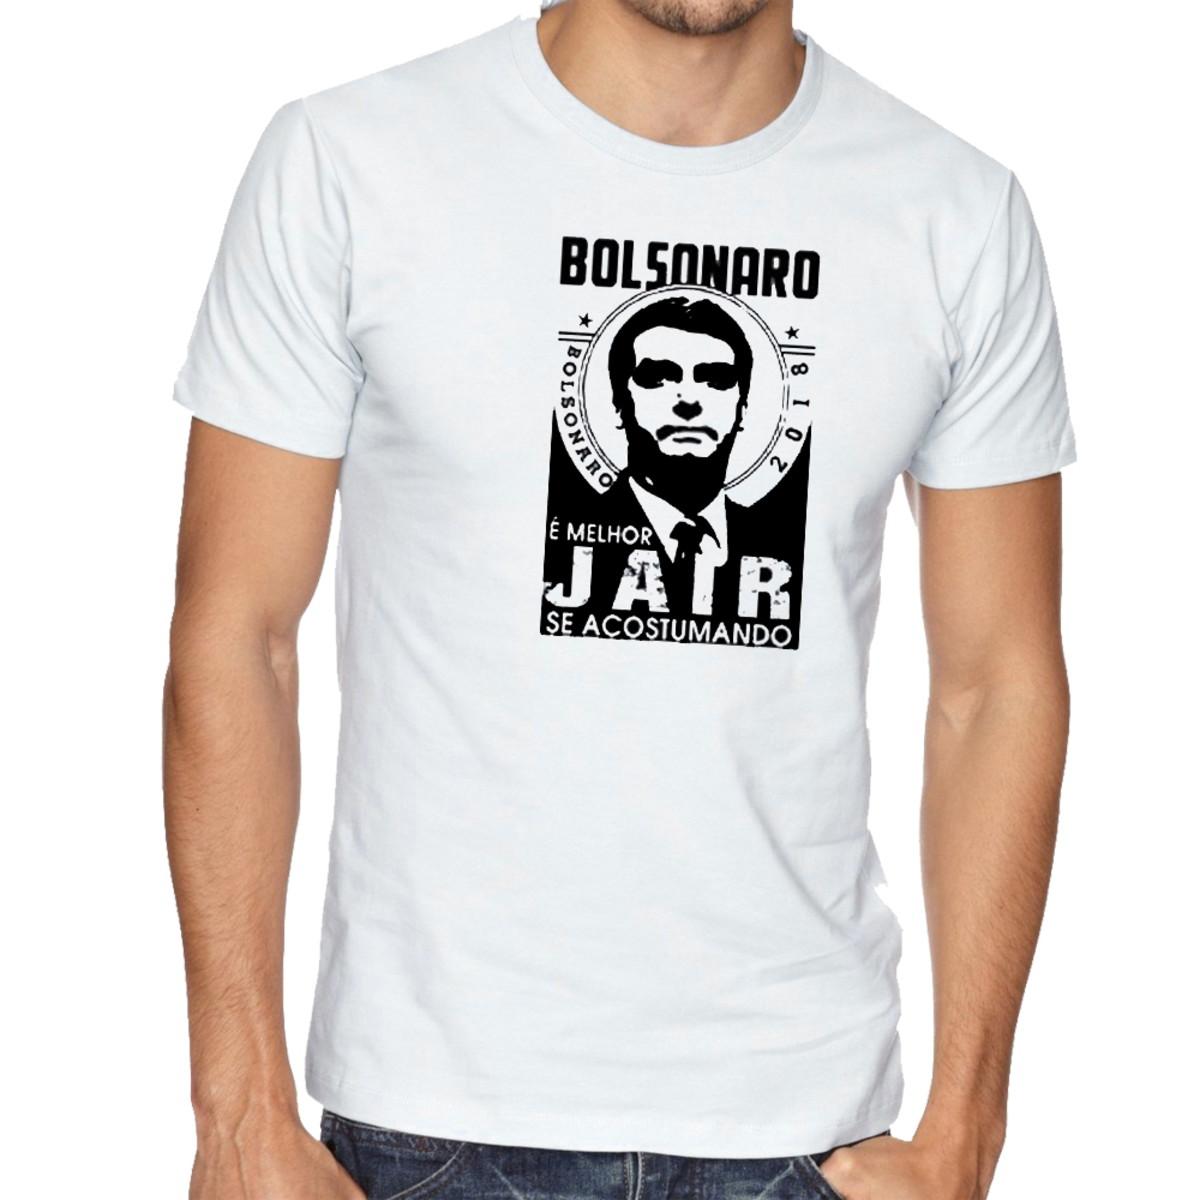 62ba8ed3d3 camiseta blusa Bolsonaro melhor Jair se acostumando no Elo7 ...